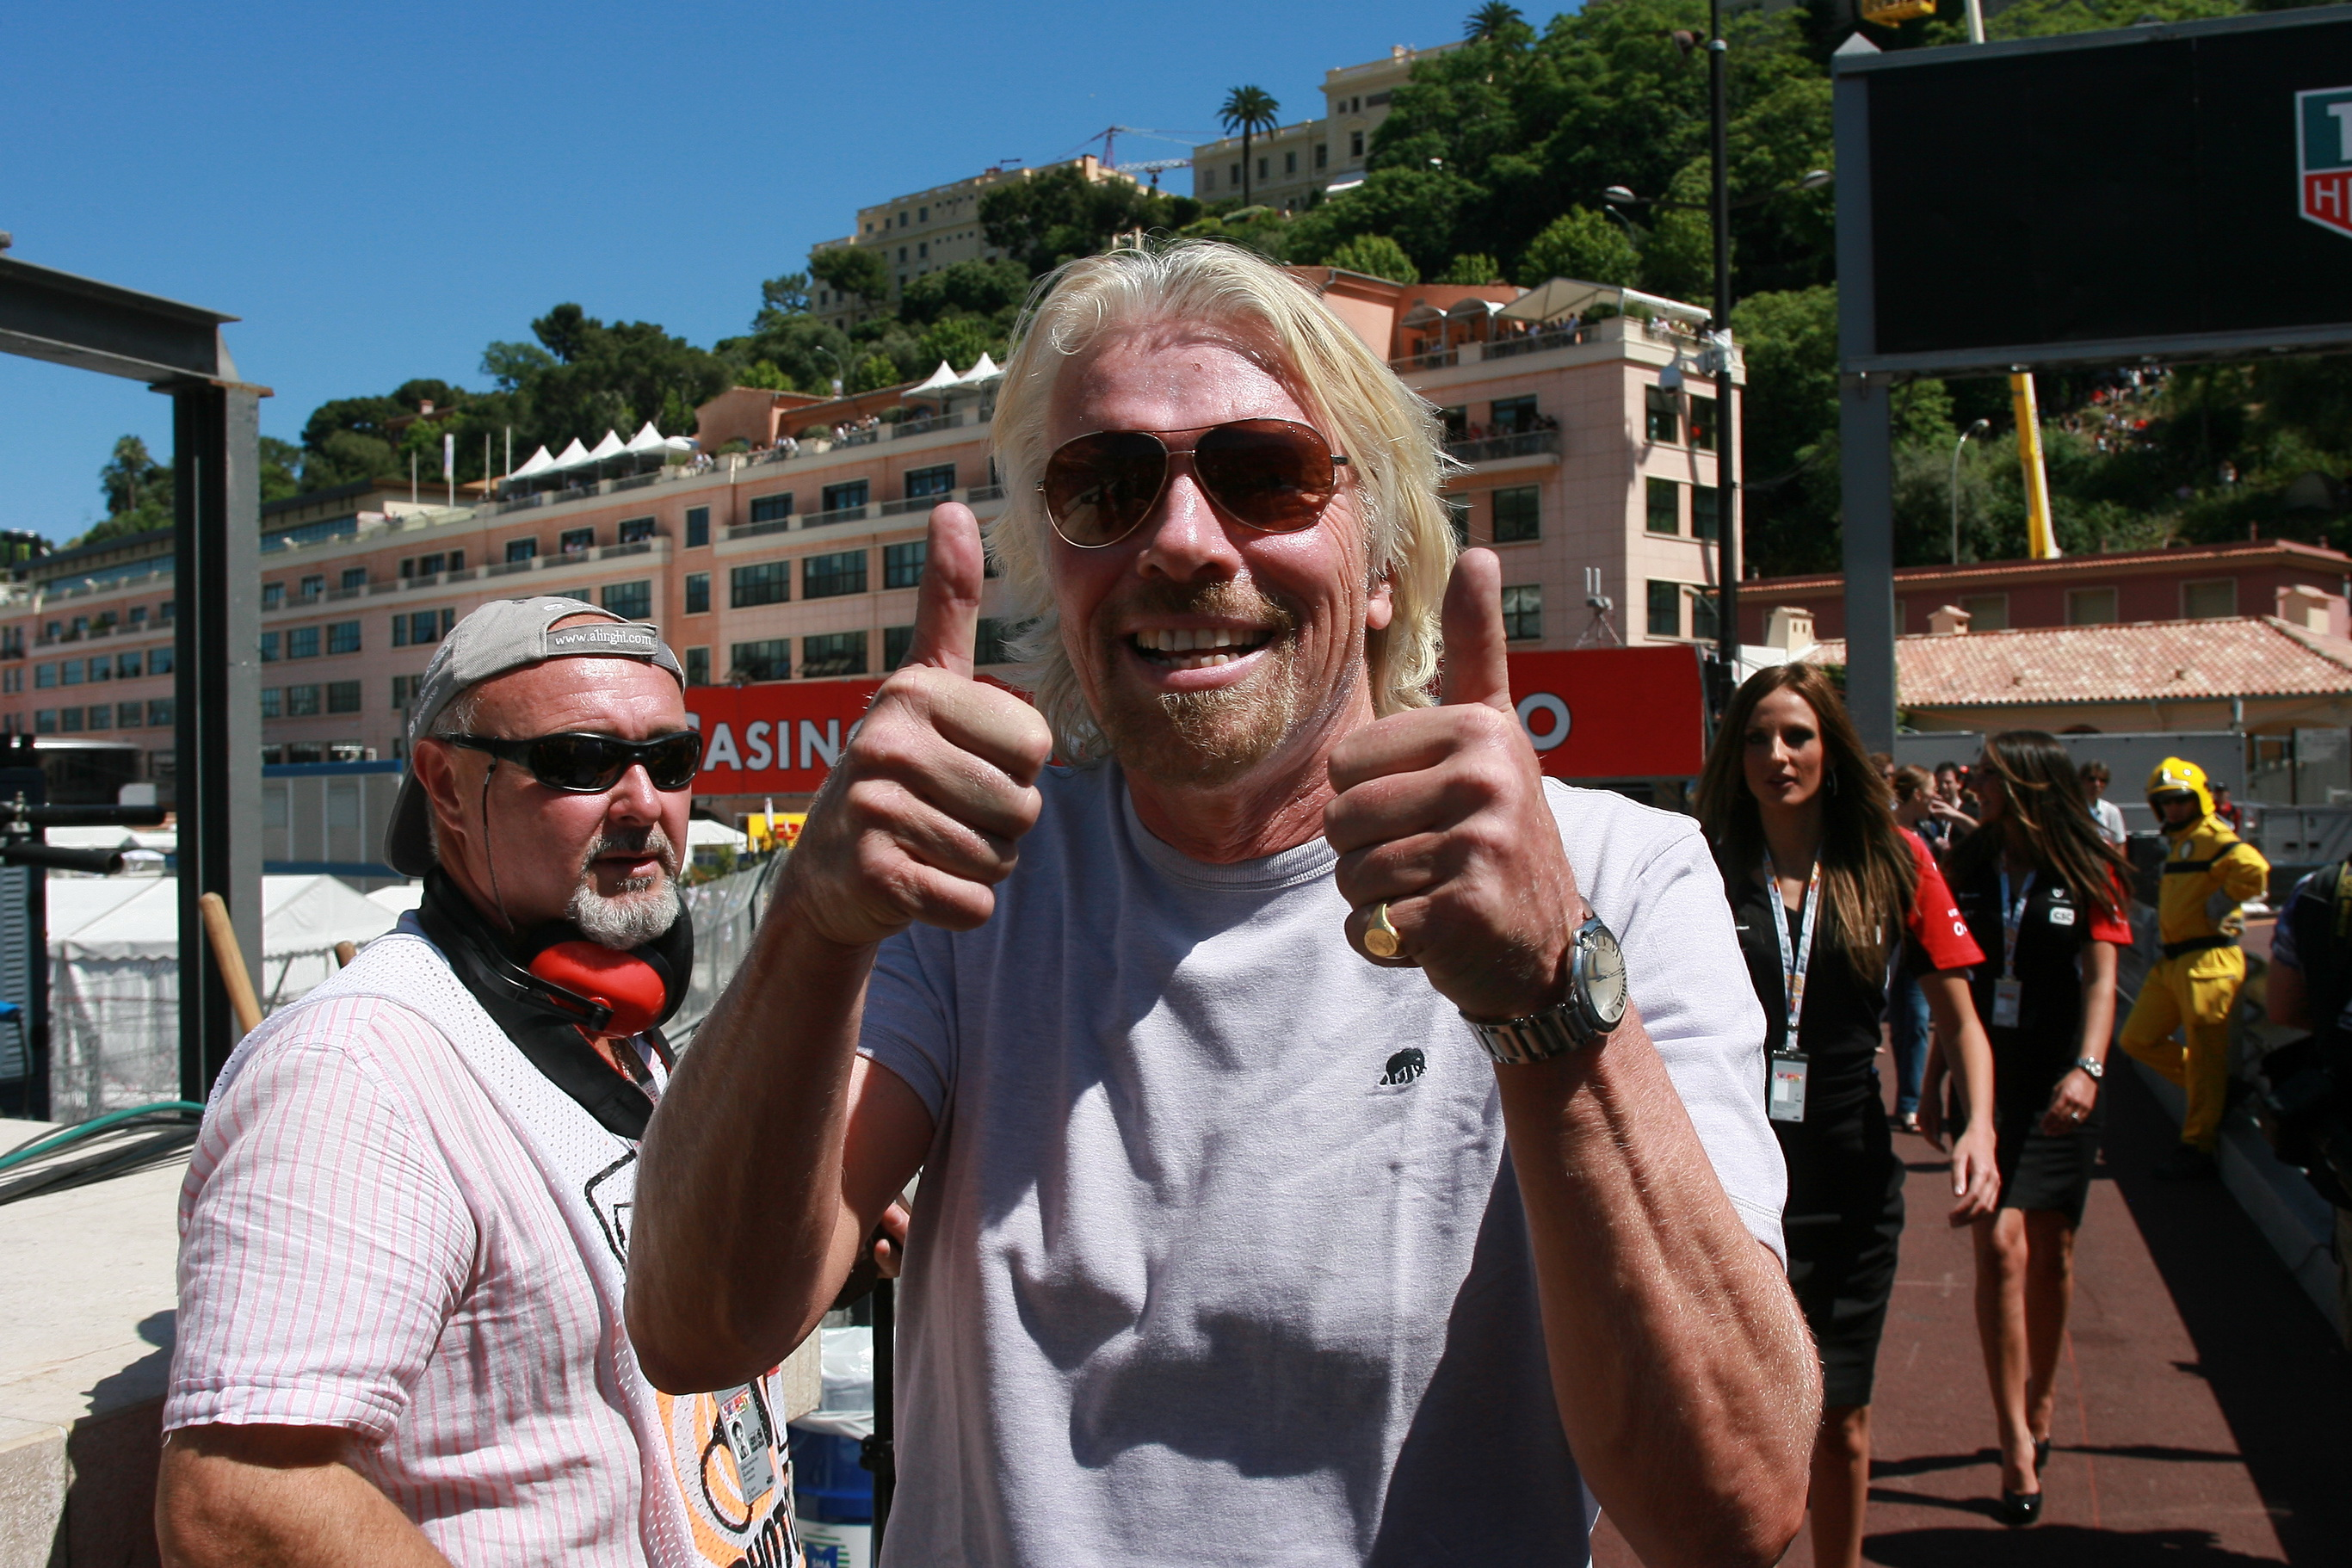 De top 10 tips om succesvol te worden, volgens Richard Branson ...